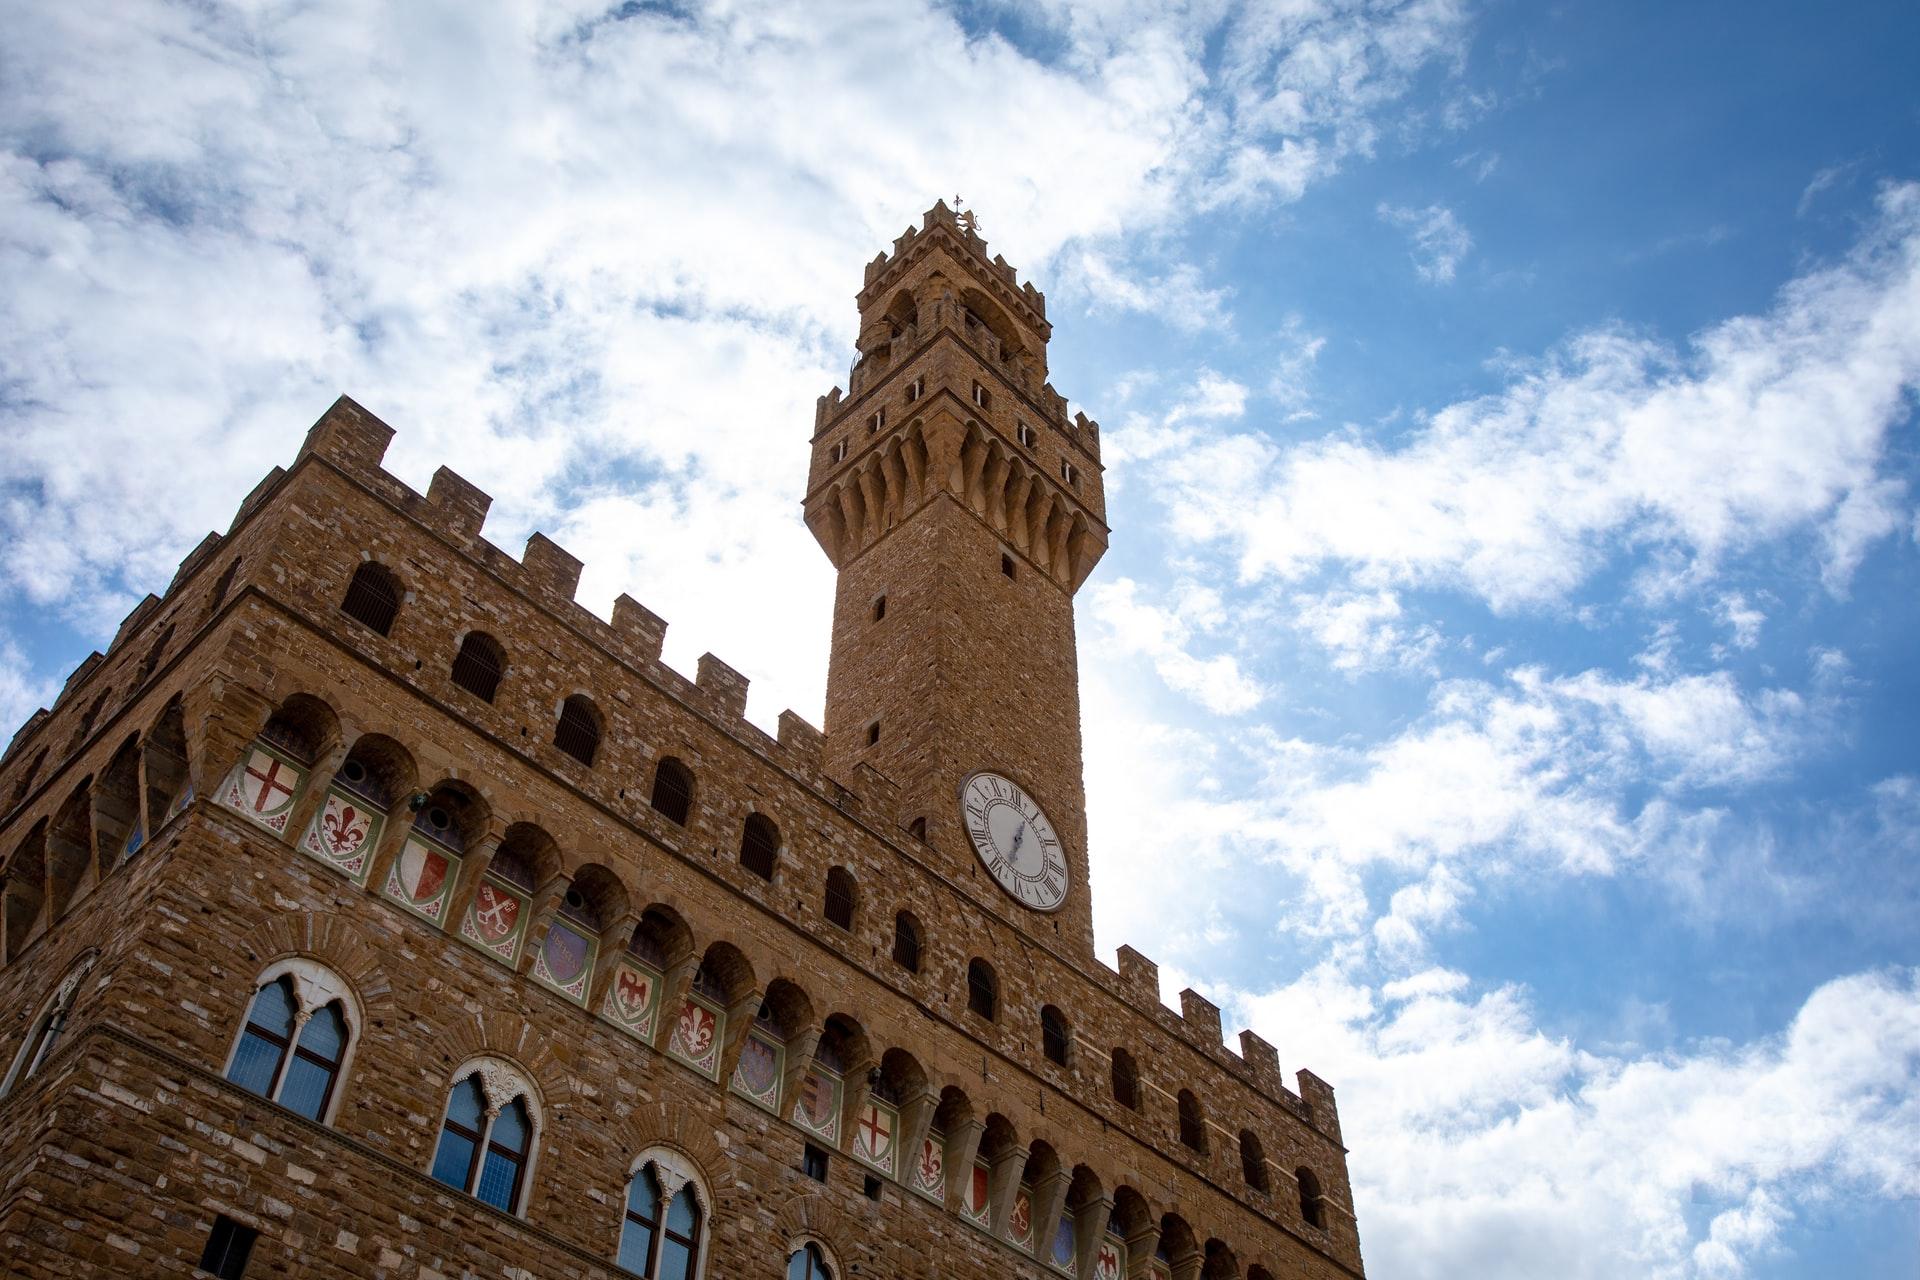 veduta della torre con orologio palazzo Vecchio a Firenze